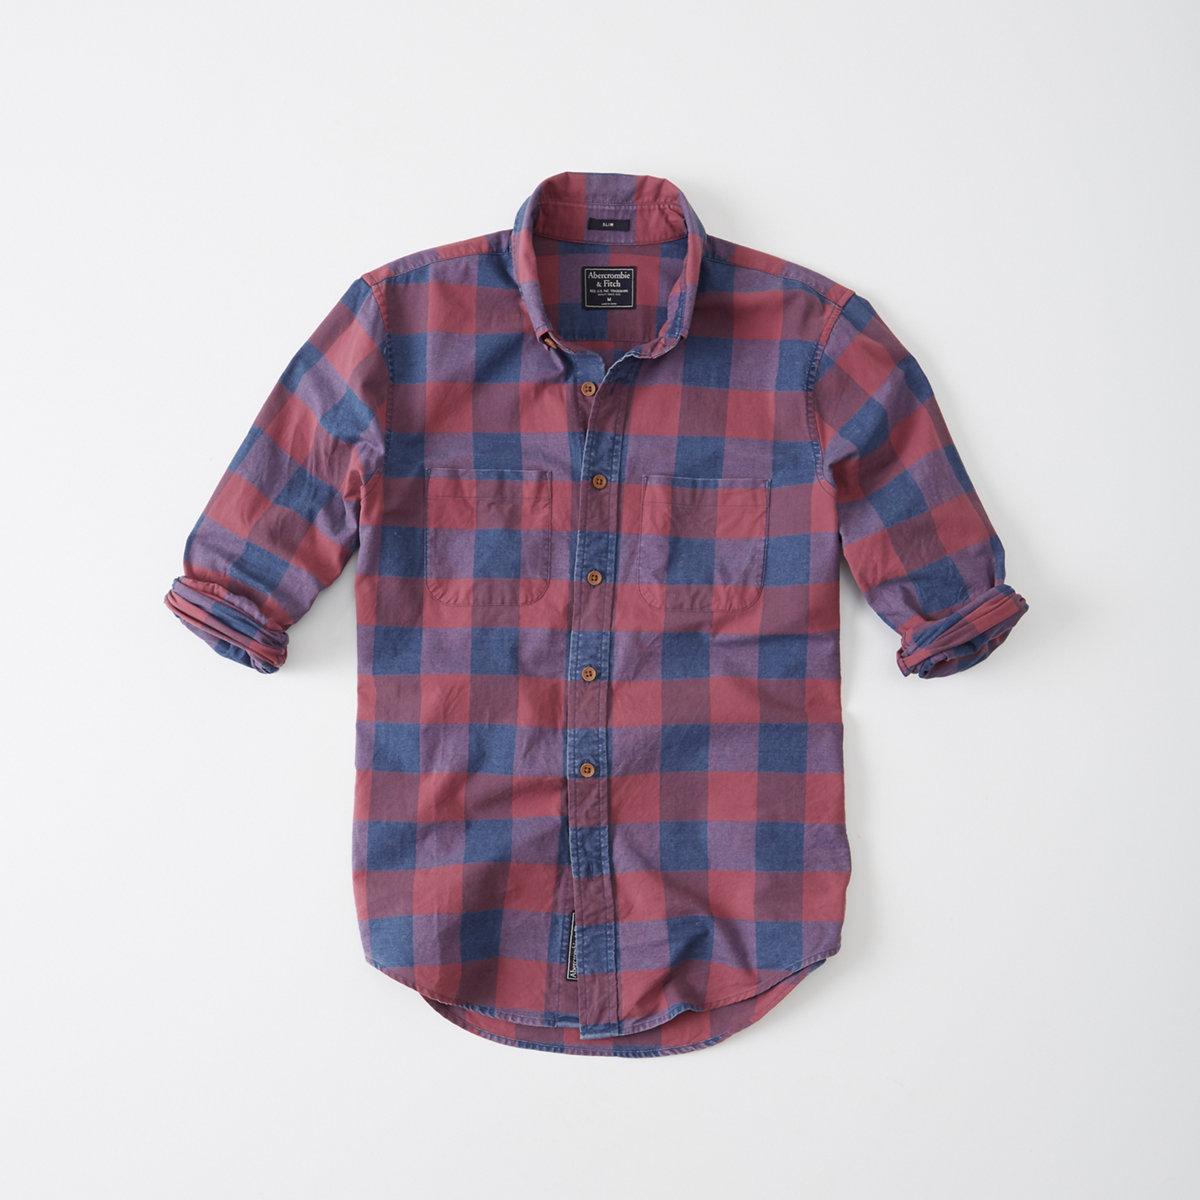 Indigo Plaid Oxford Shirt